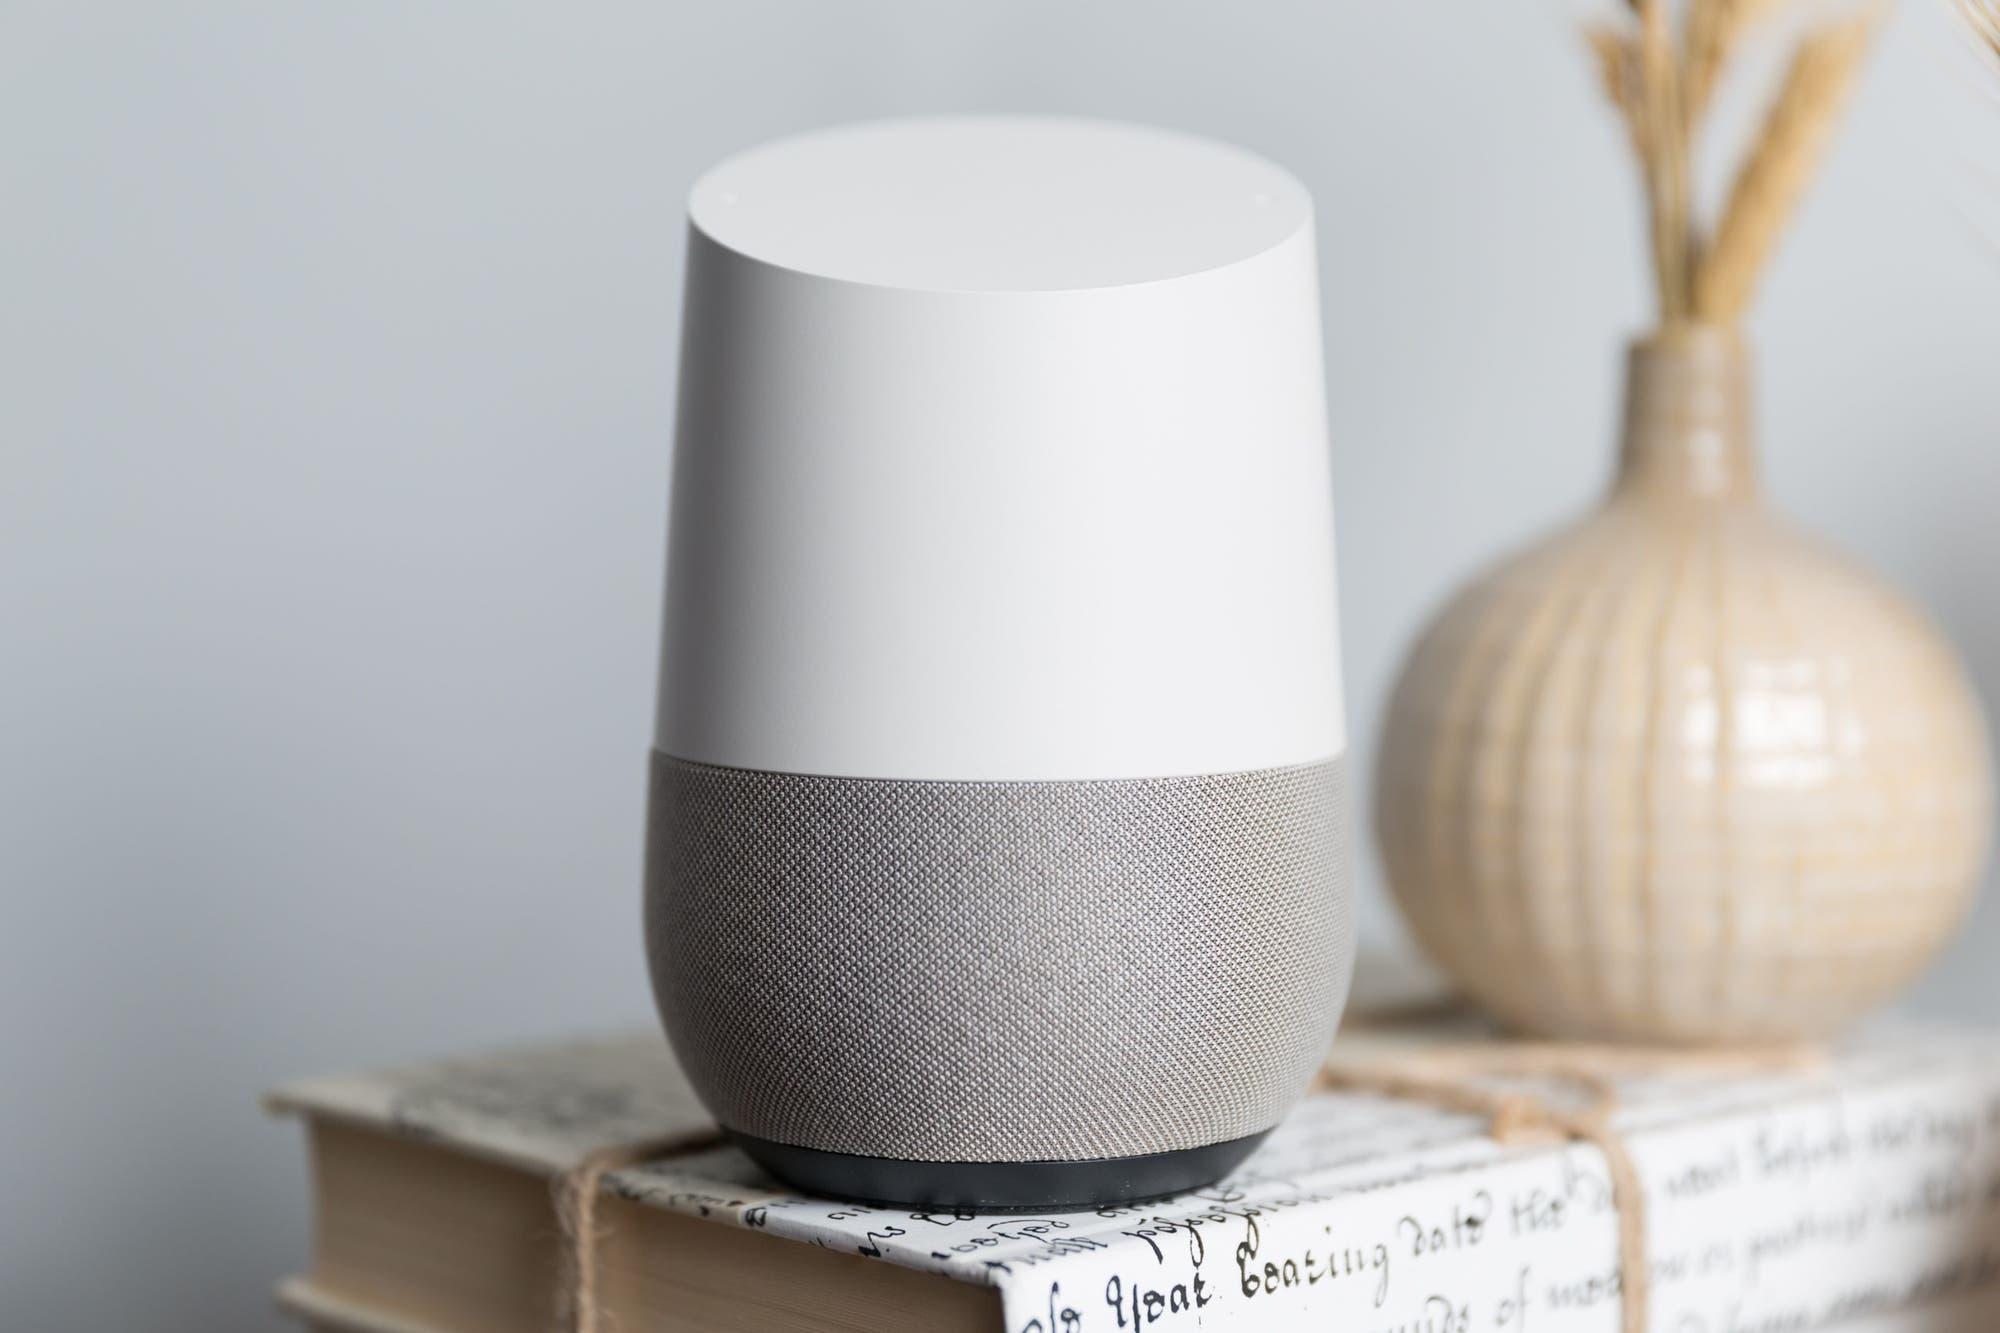 Muestran cómo controlar un parlante conectado a distancia con un láser